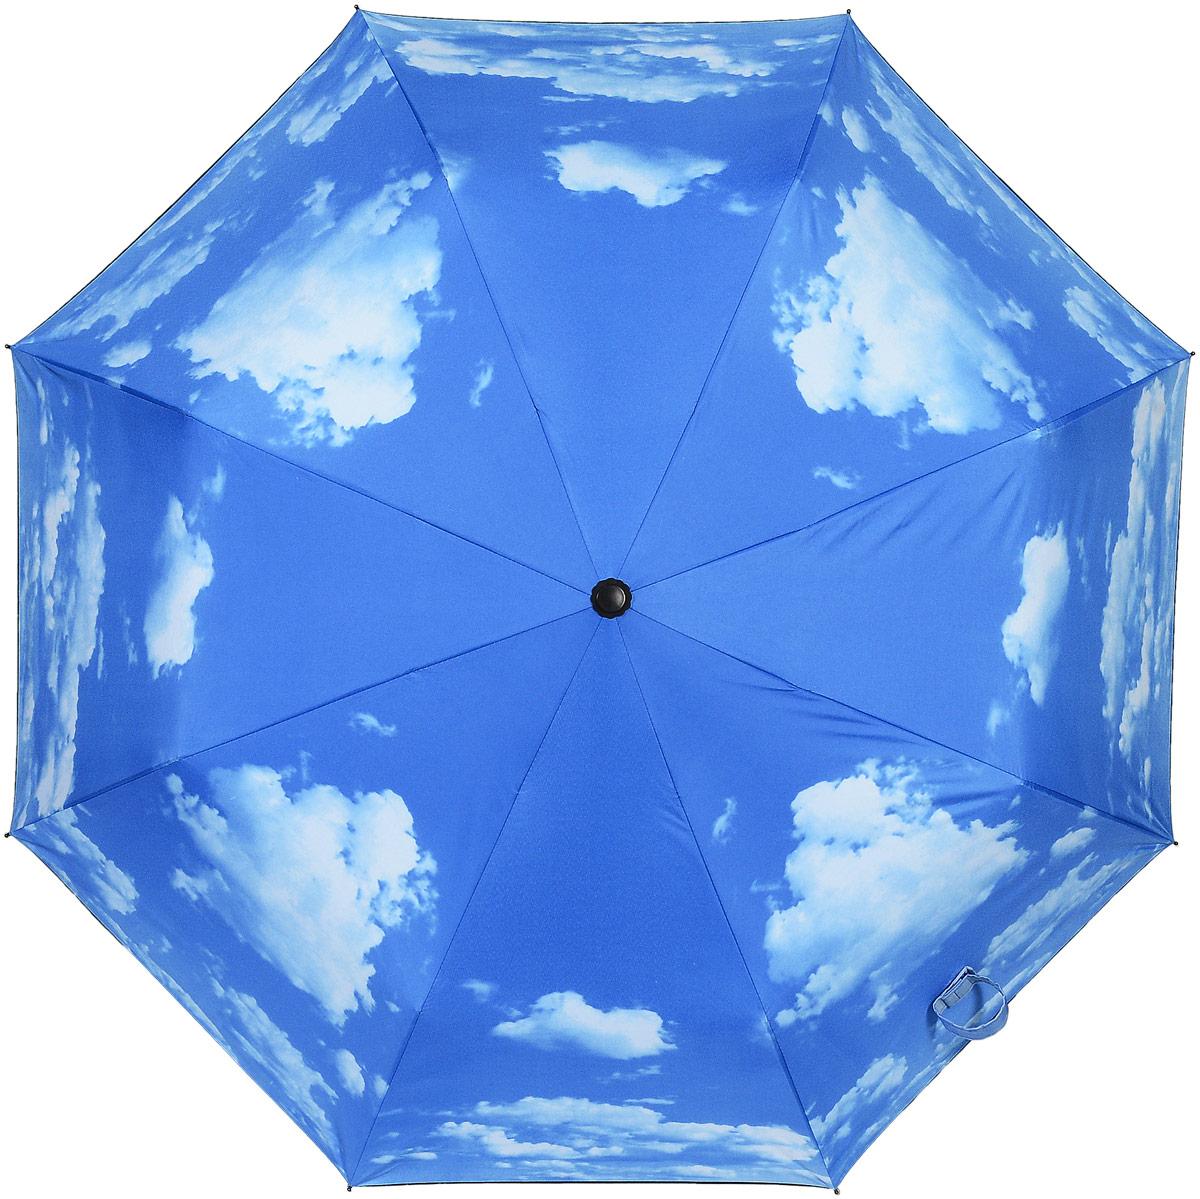 Зонт женский Kawaii Factory, цвет: голубой. KW042-000193KW042-000193Стильный механический зонт Kawaii Factory в два сложения даже в ненастную погоду позволит вам оставаться стильной и элегантной. Каркас зонта из металла состоит из восьми спиц, оснащен удобной рукояткой с противоскользящей поверхностью. Купол зонта выполнен из прочного полиэстера. Закрытый купол фиксируется хлястиком на липучке. К зонту прилагается чехол.